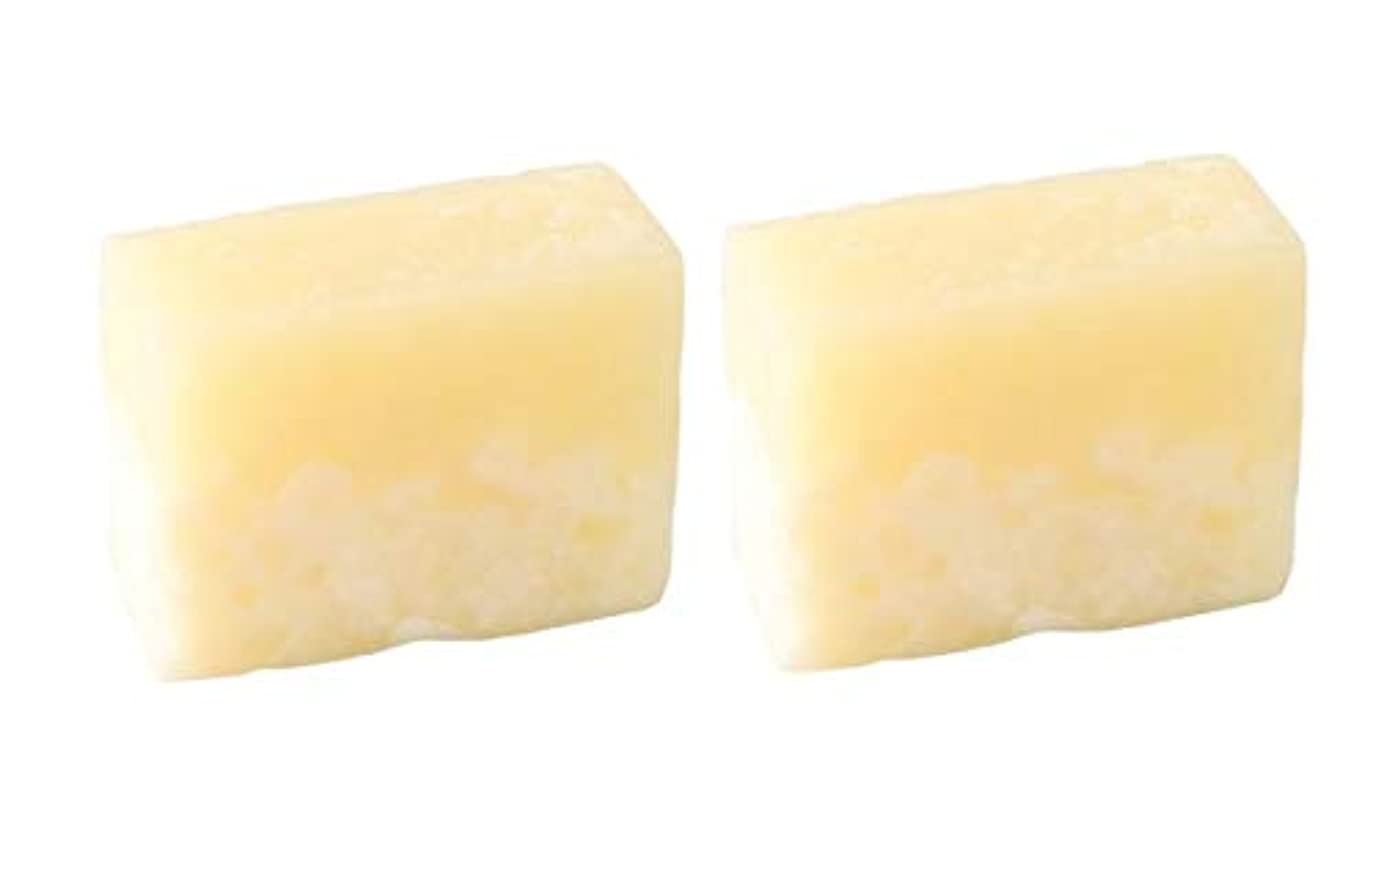 判決海軍変更LUSH ラッシュ ボヘミアン(100g)×2個セット レモンの爽やかな香りソープ